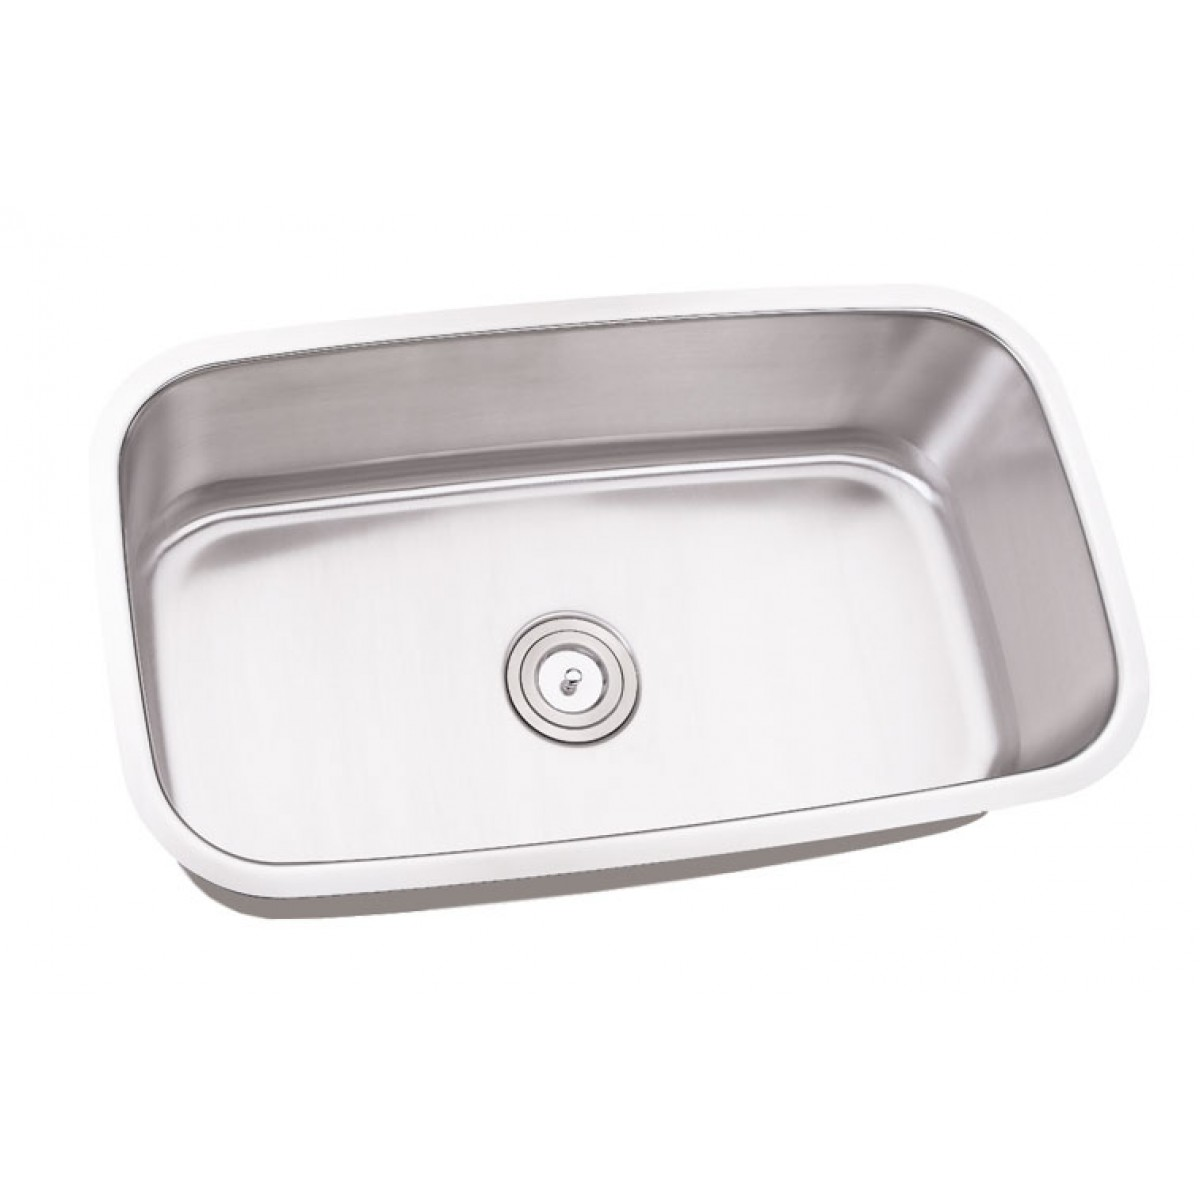 30 undermount kitchen sink vintage clocks inch stainless steel single bowl